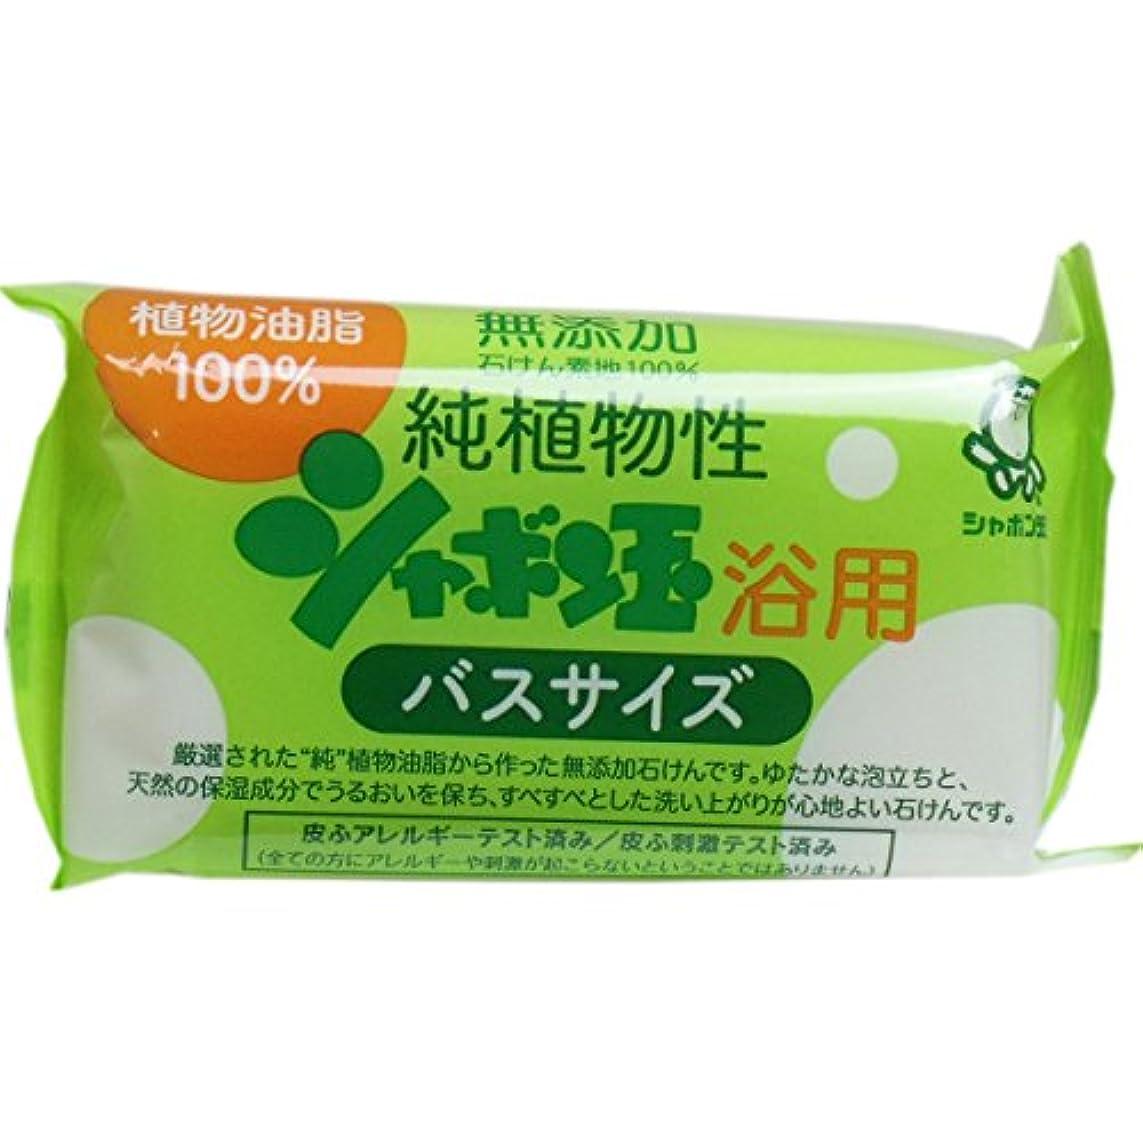 生理応じる融合無添加 シャボン玉 純植物性浴用石けん バスサイズ 155g(無添加石鹸)